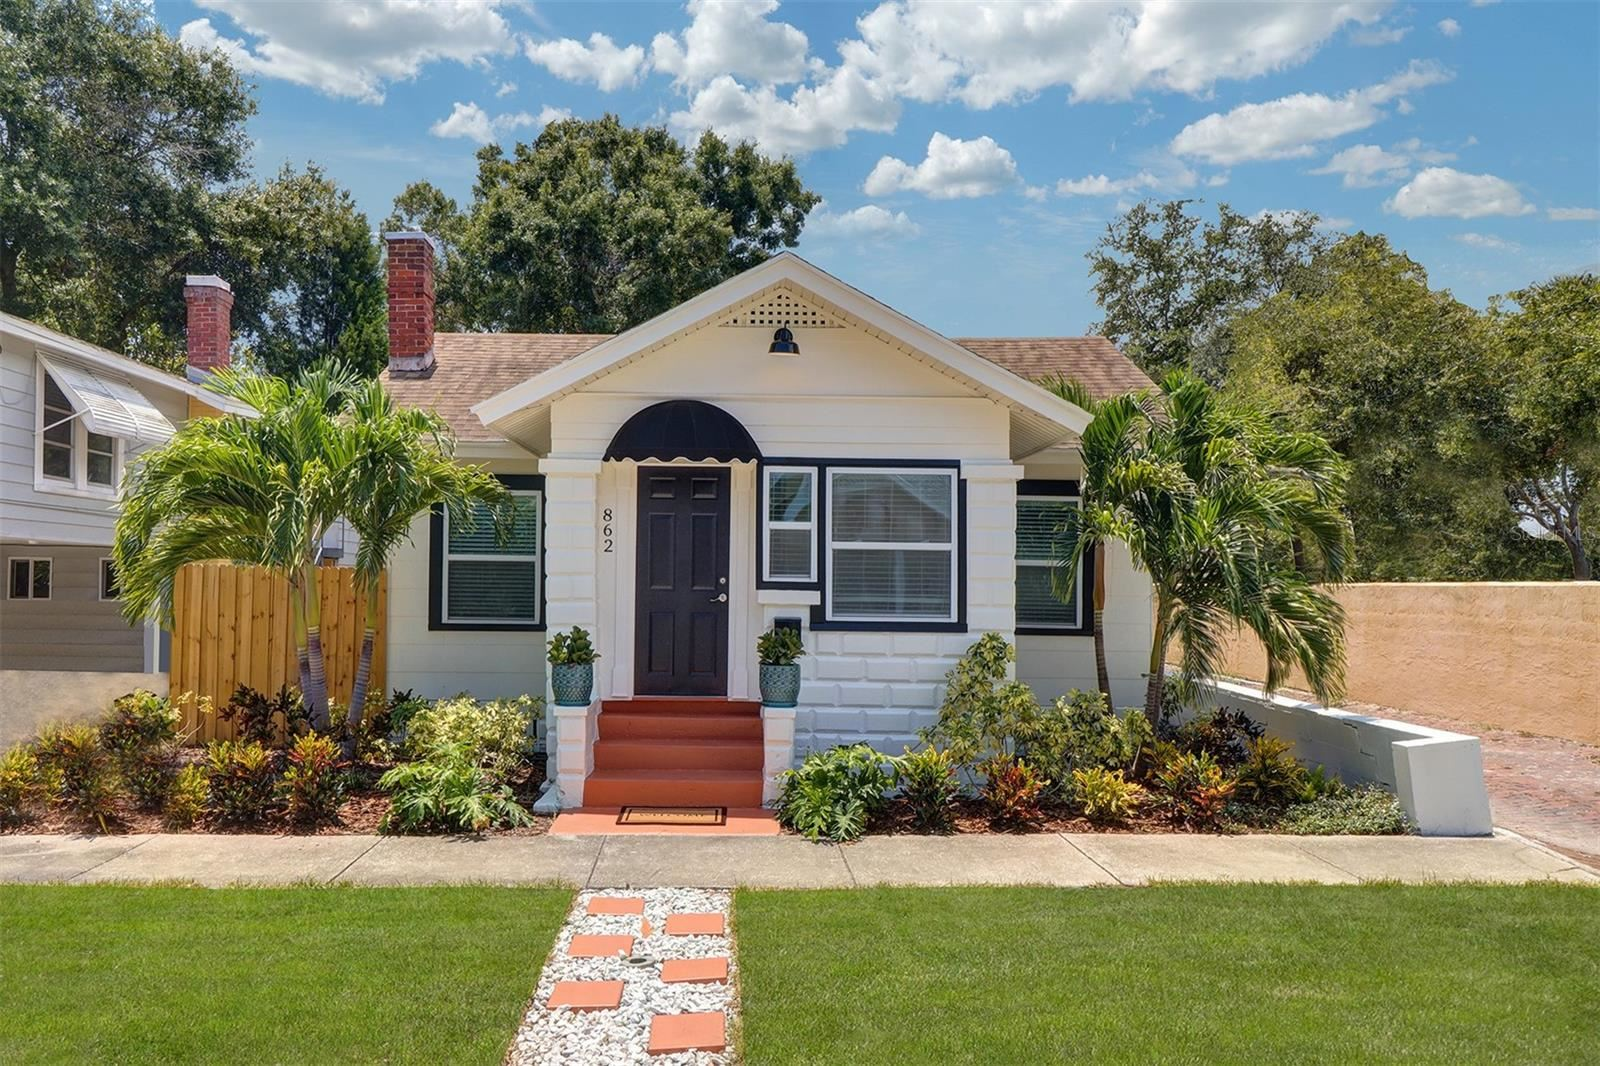 Photo of 862 12 AVENUE N, ST PETERSBURG, FL 33701 (MLS # T3321443)